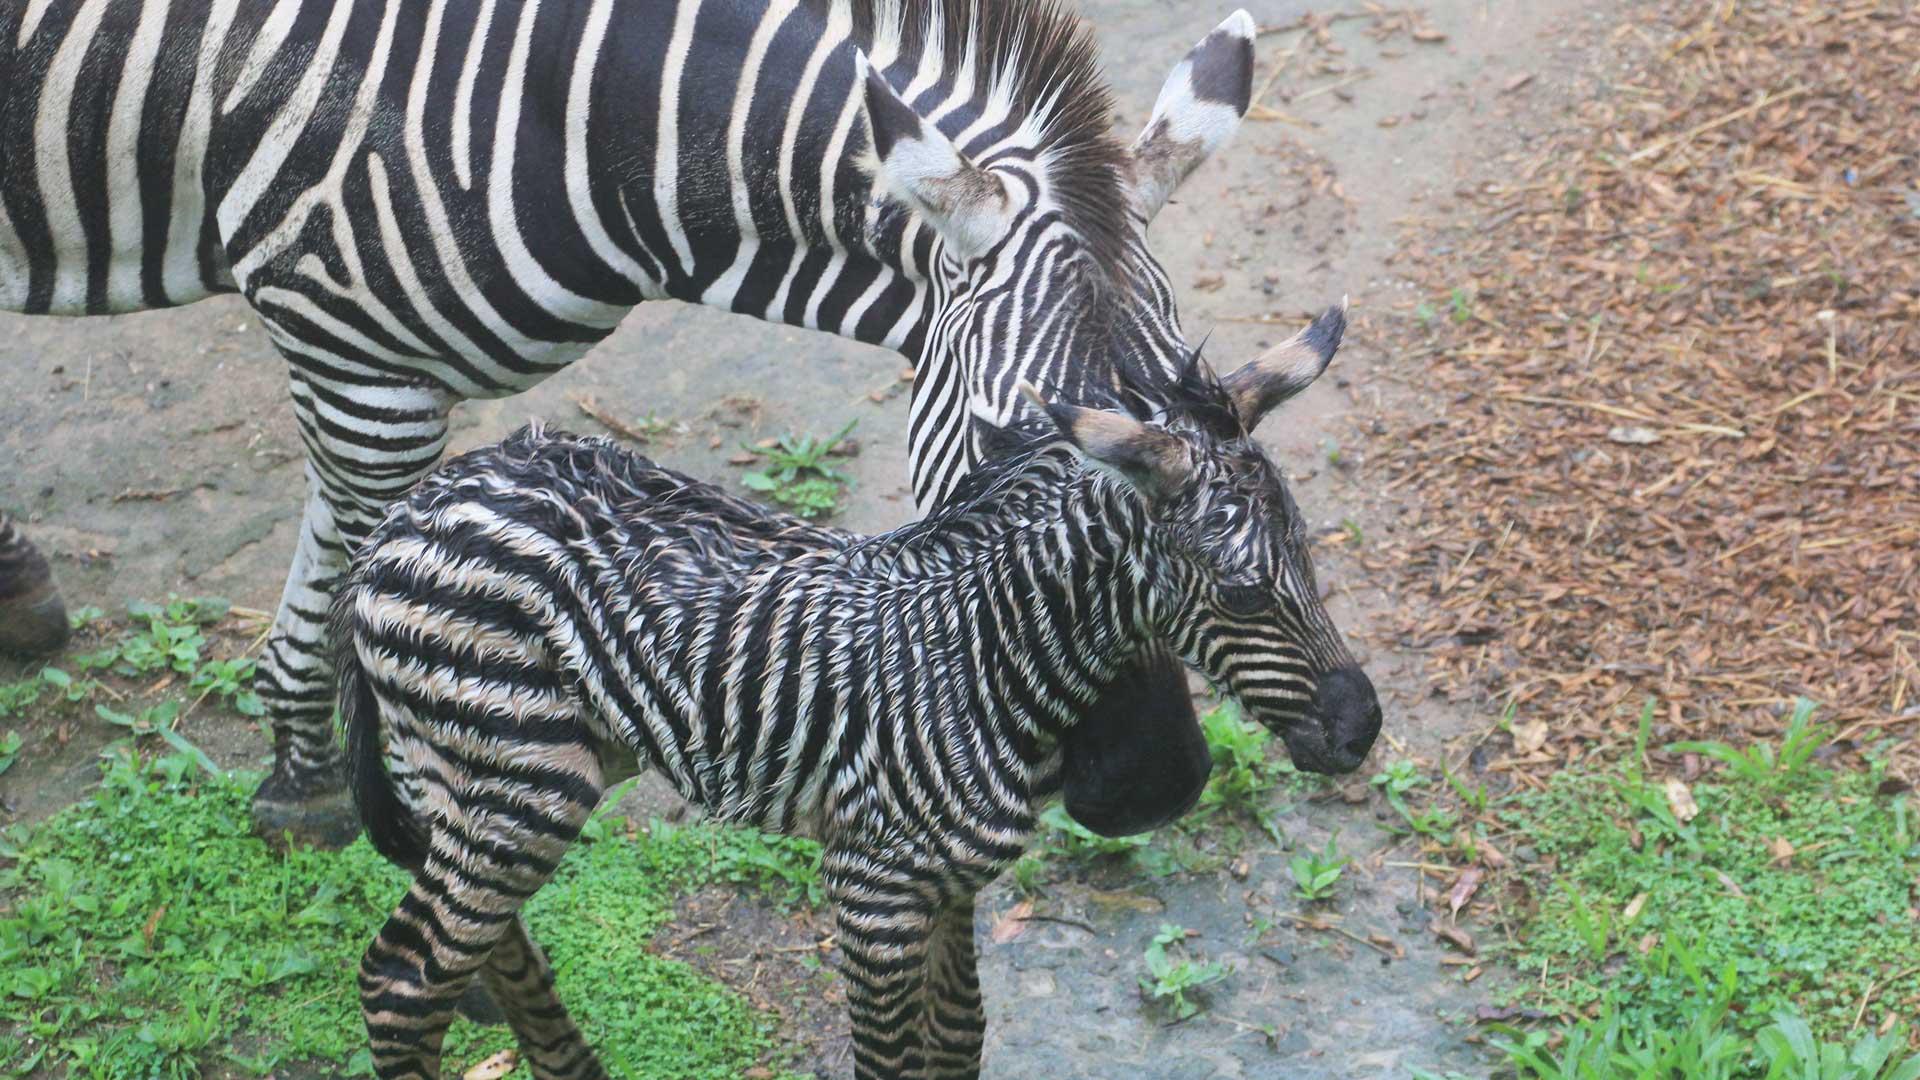 https://rfacdn.nz/zoo/assets/media/zebra-calf-gallery-3.jpg